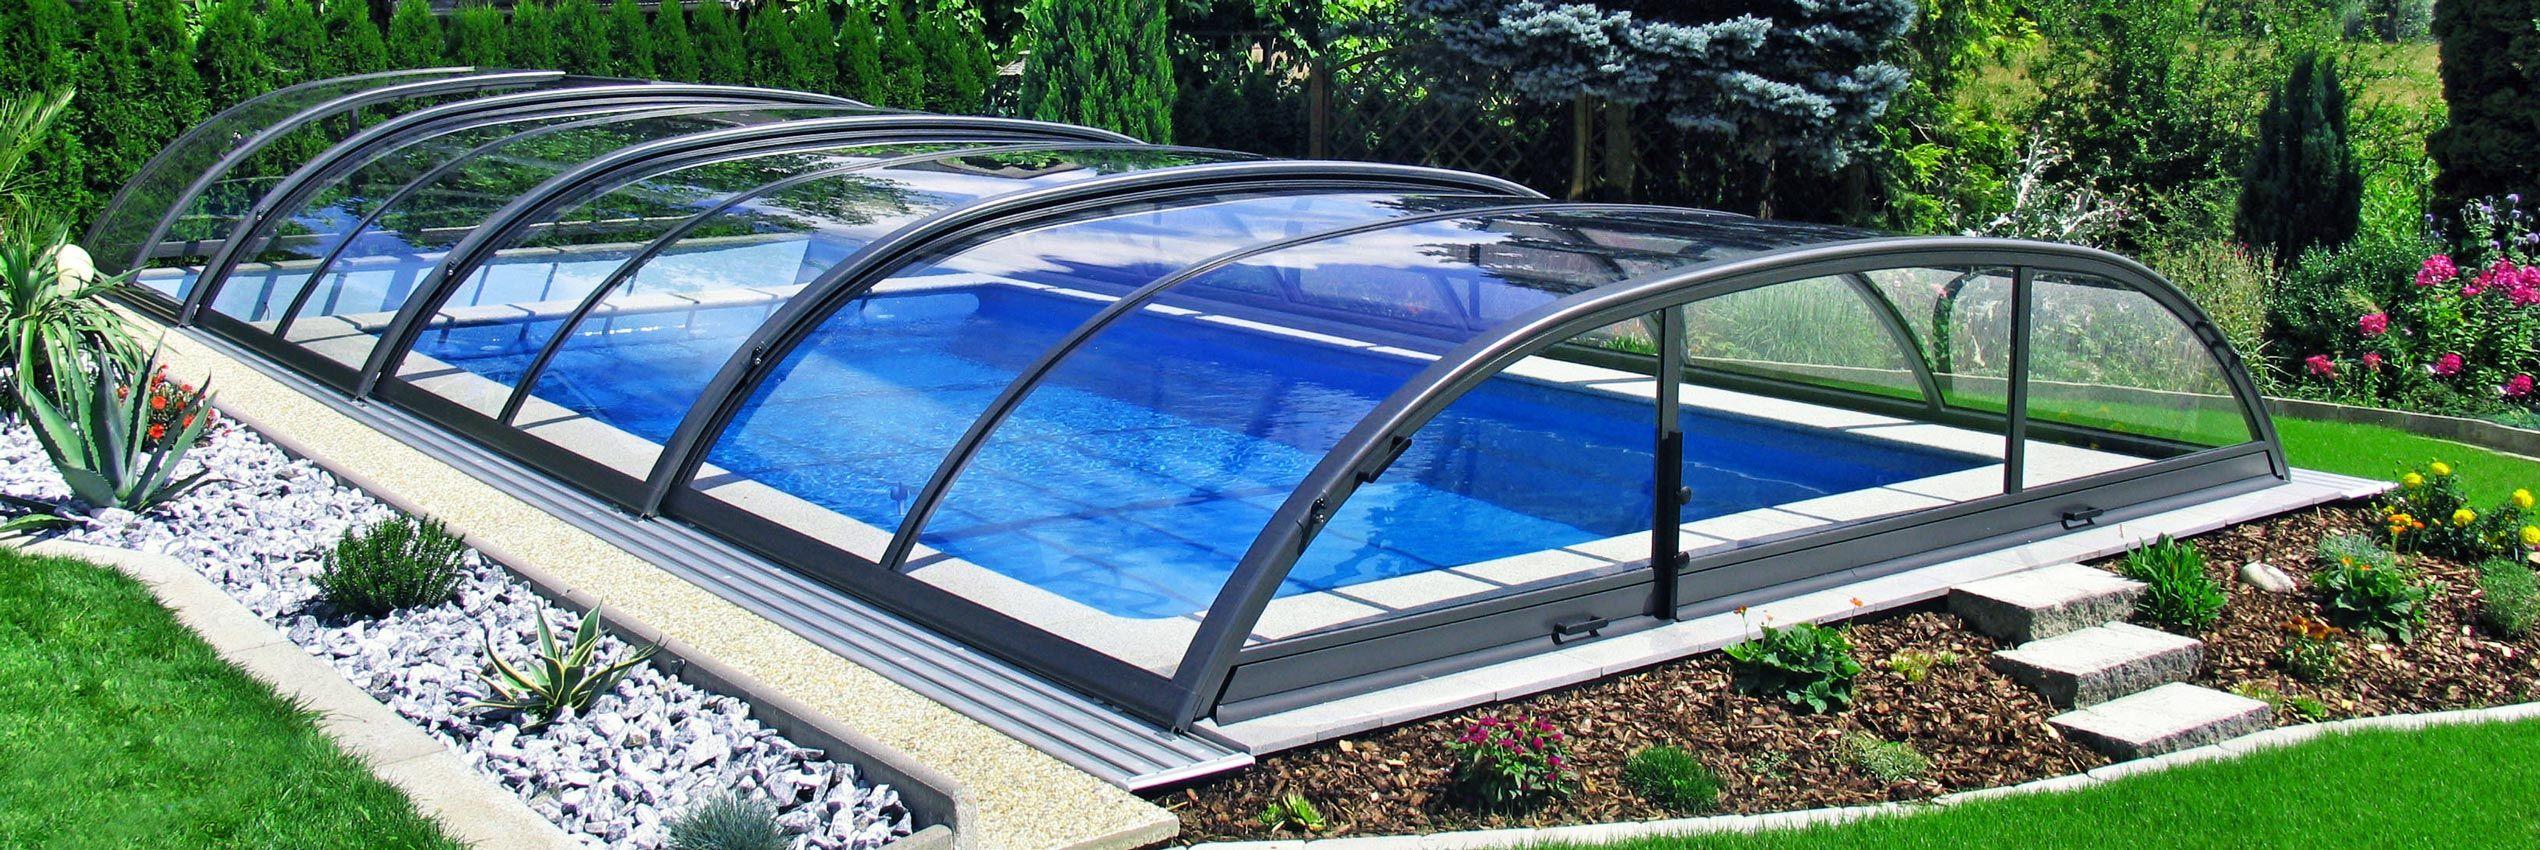 pool enclosures  95